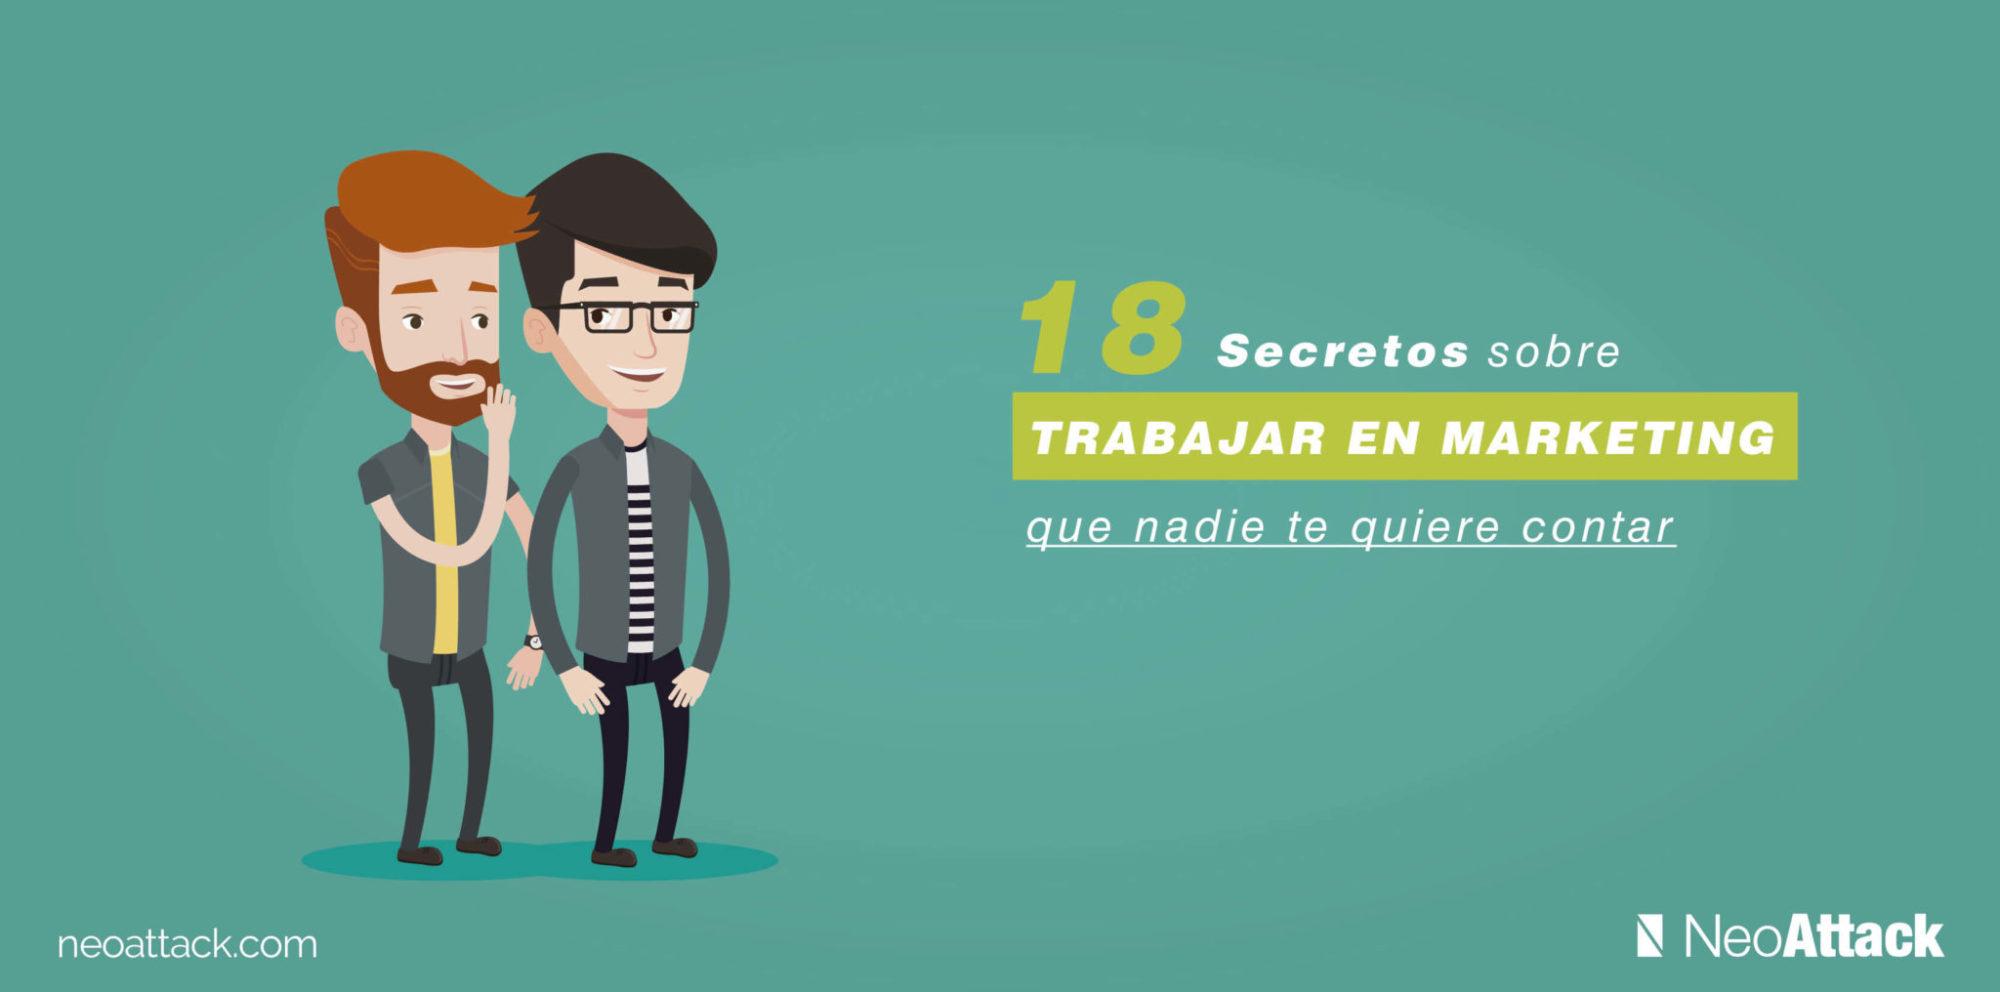 secretos-marketing